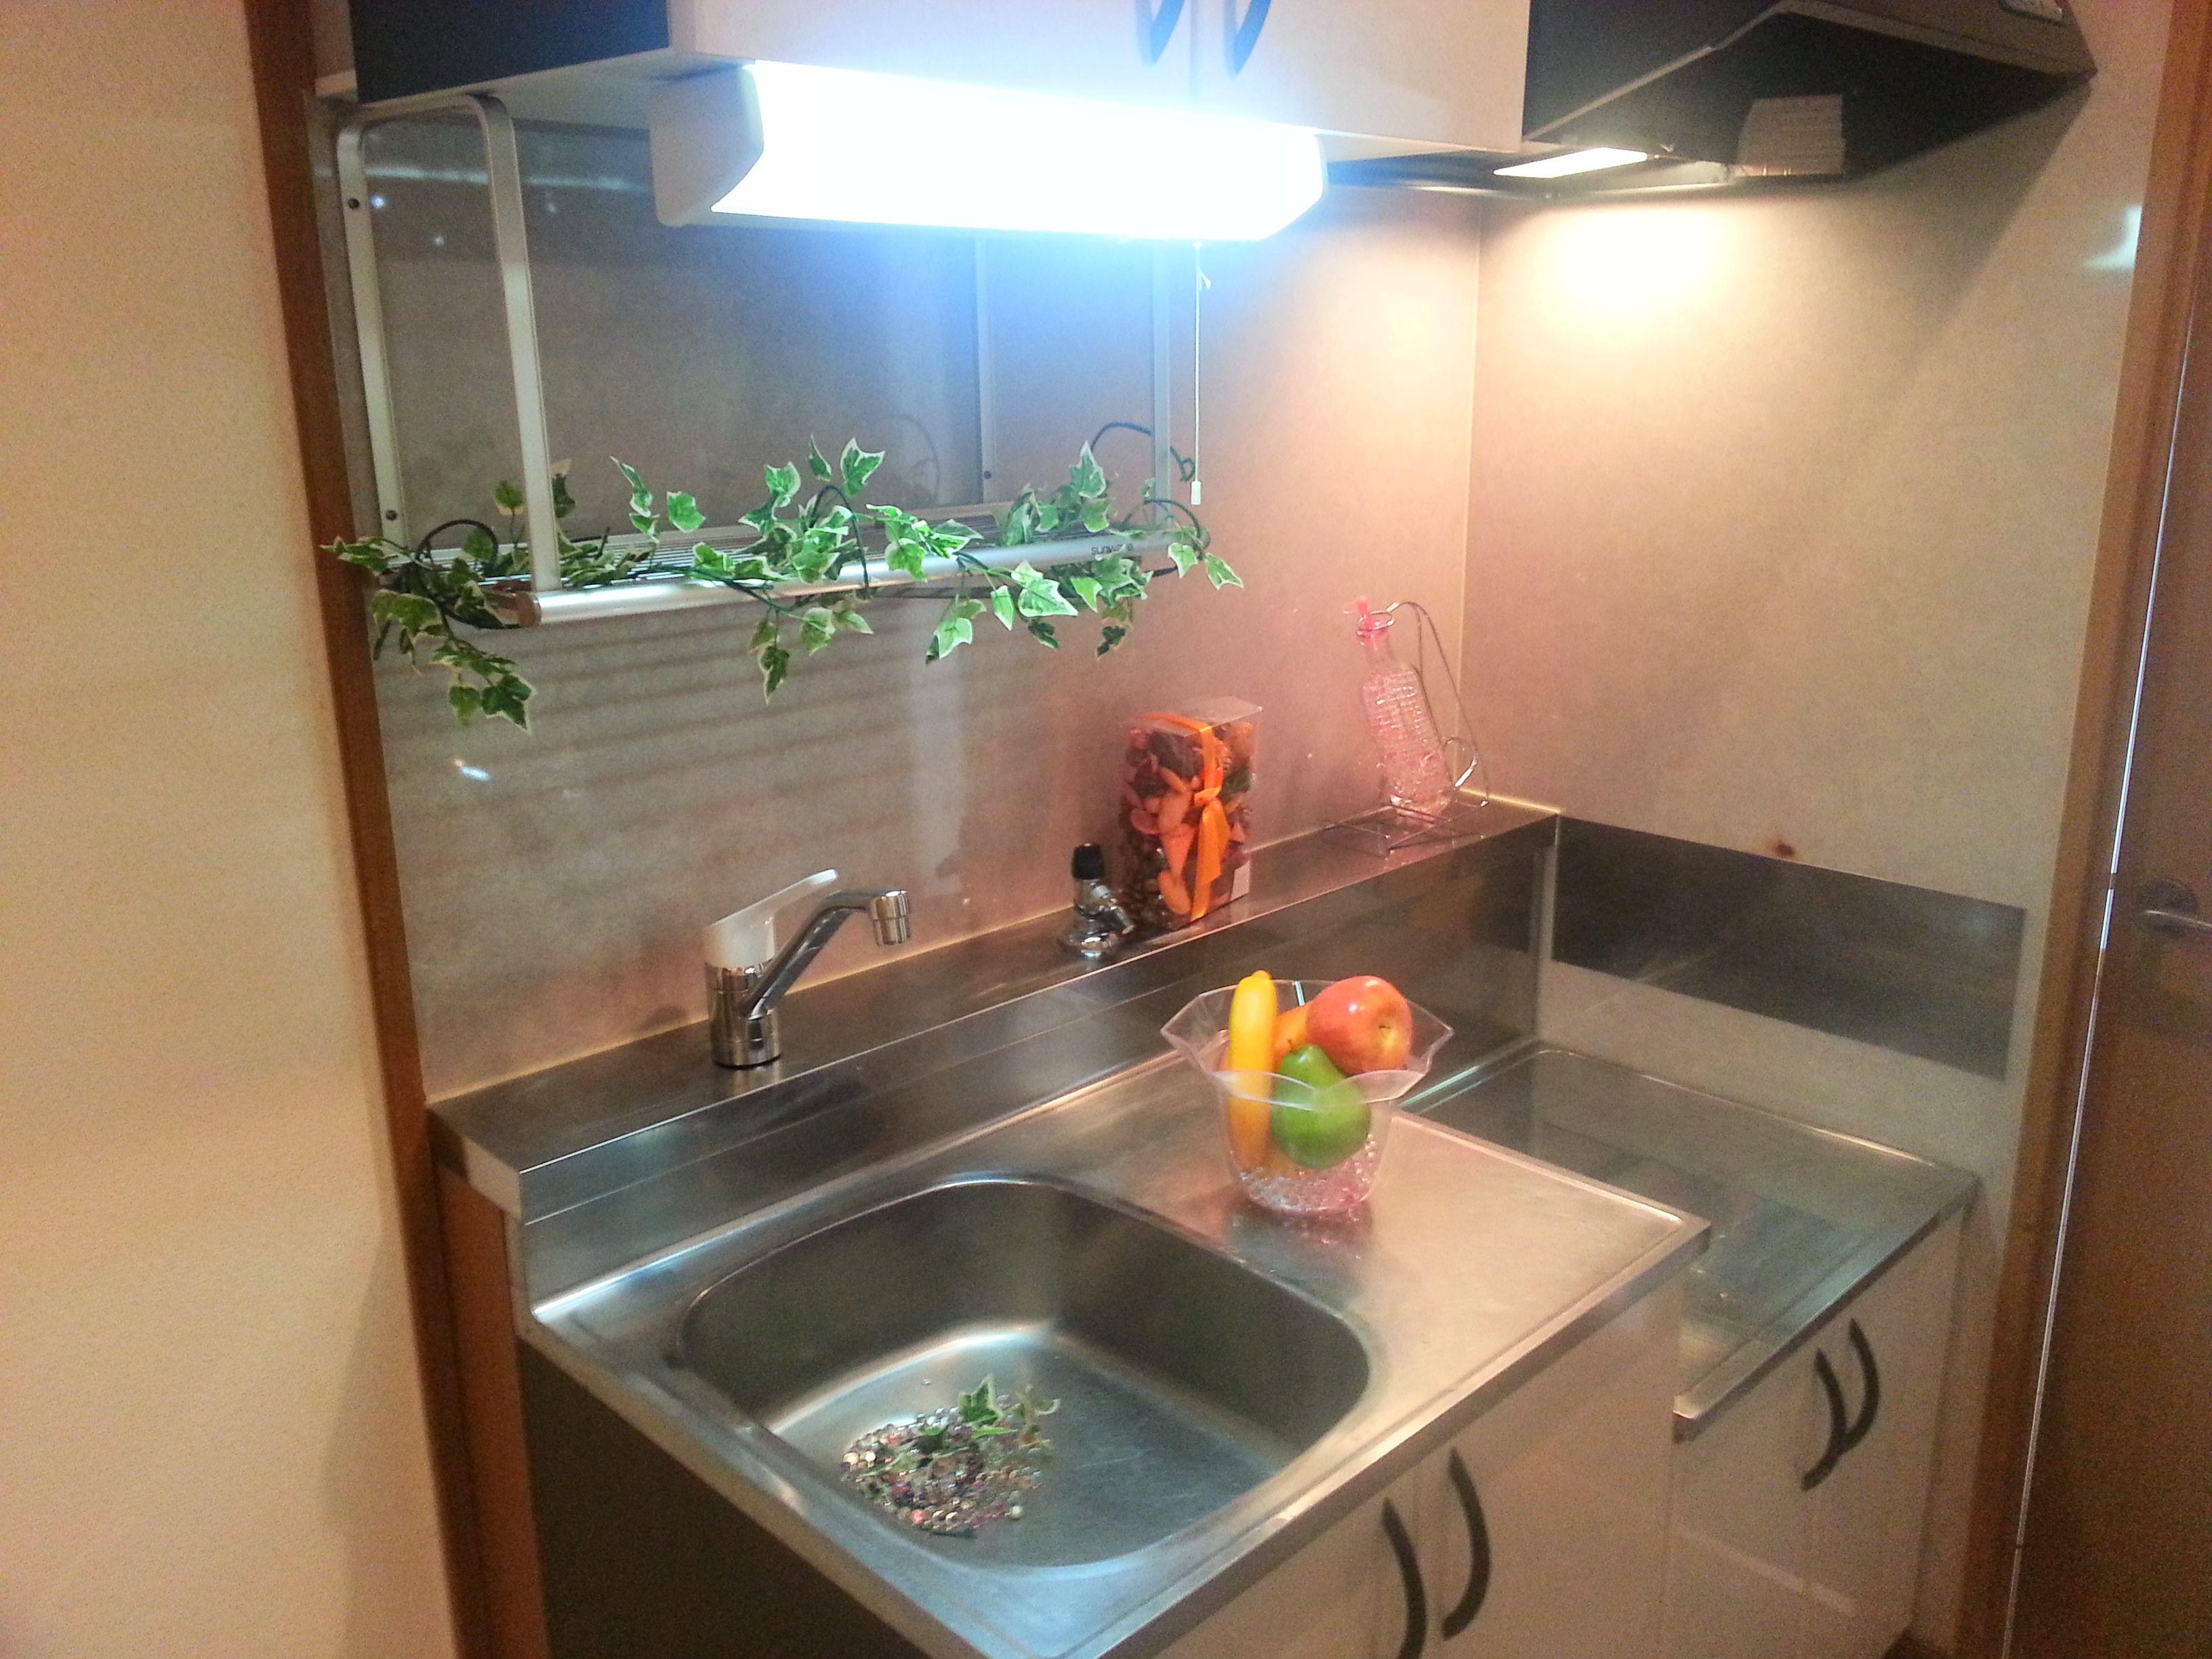 2口ガスコンロが置ける広めのキッチン ※別号室の写真です。